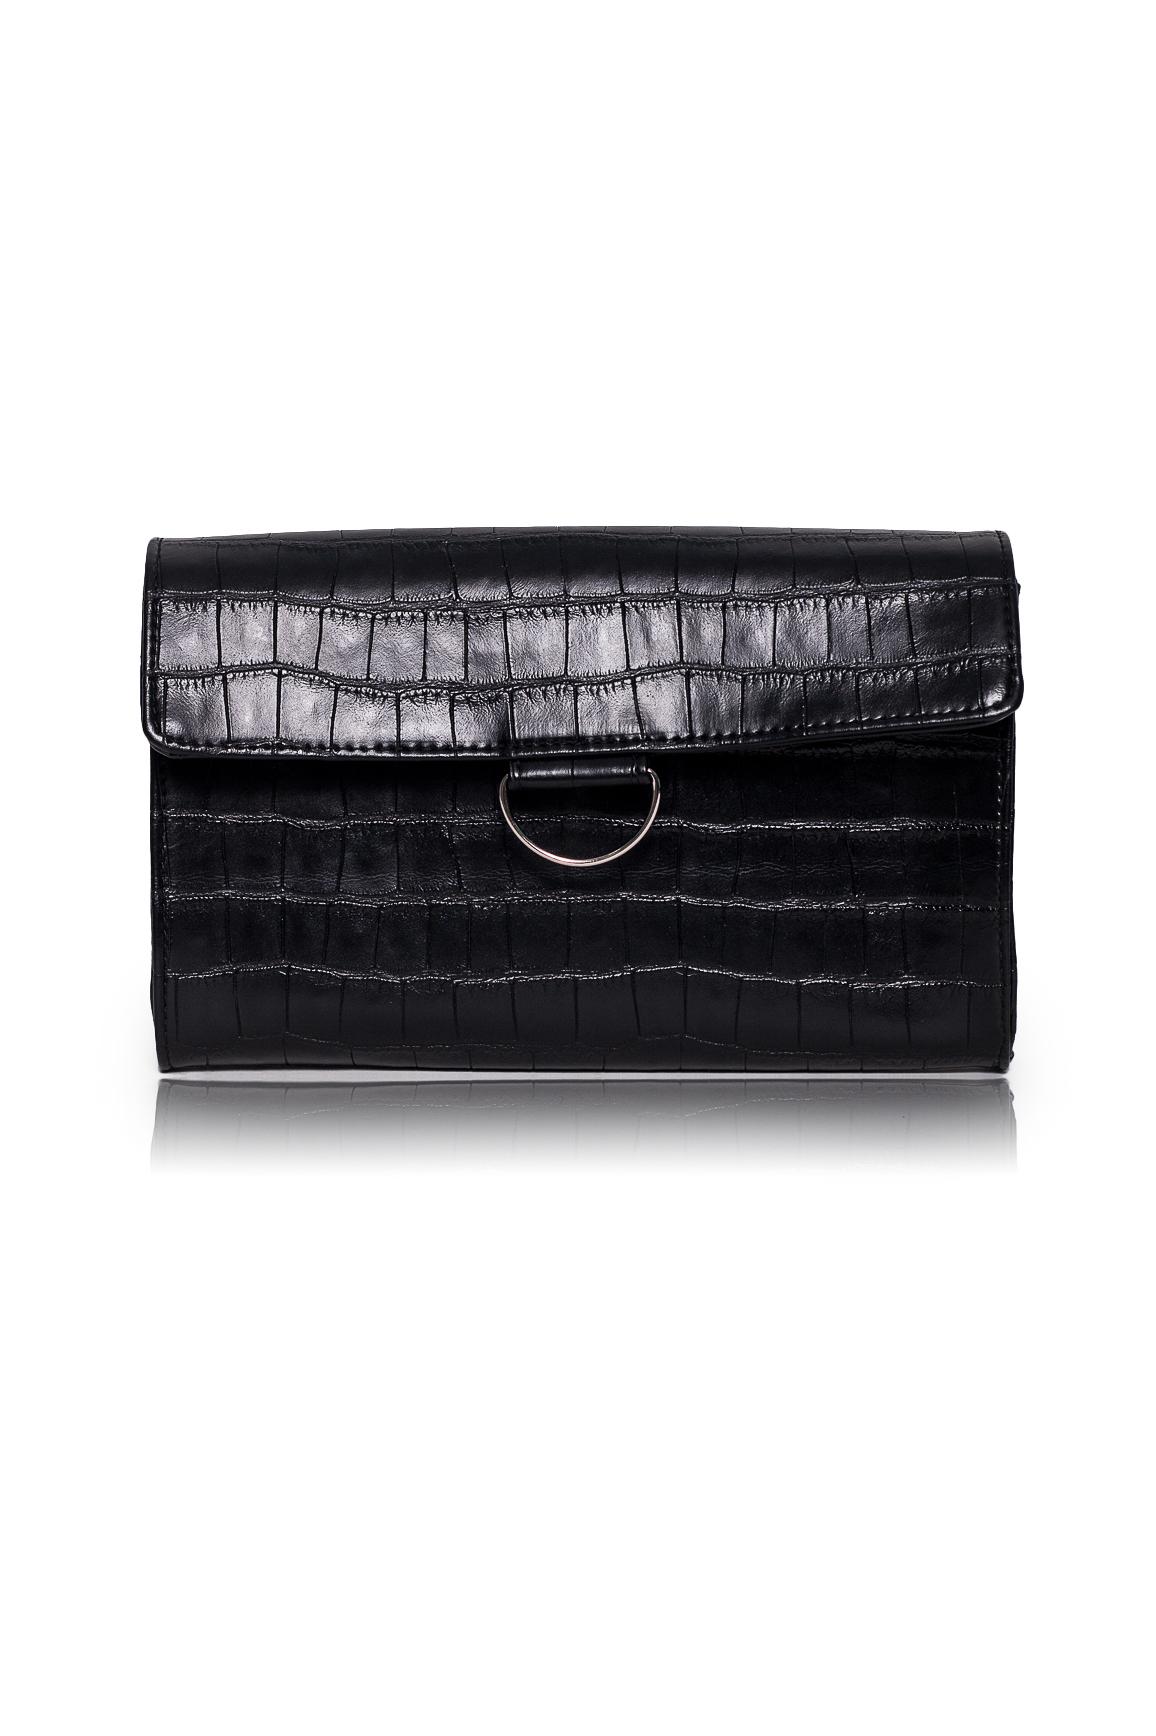 КлатчКлатчи<br>Женские сумки бренда DINESSI - это стильные аксессуары, которые по достоинству оценят представительницы прекрасного пола.  Клатч с клапаном, застежкой на магнит и отстегивающейся лямкой.   Цвет: черный.  Размеры: Высота - 15,5 ± 1 см Длина - 25 ± 1 см Ширина - 5 ± 1 см<br><br>Отделения: 1 отделение<br>По материалу: Искусственная кожа<br>По образу: Город<br>По рисунку: Однотонные,Рептилия,Фактурный рисунок<br>По силуэту стенок: Прямоугольные<br>По способу ношения: В руках,На запастье<br>По степени жесткости: Полужесткие<br>По типу застежки: На магните<br>По форме: Конверт<br>По элементам: С декором<br>Ручки: Короткие<br>Размер : UNI<br>Материал: Искусственная кожа<br>Количество в наличии: 1